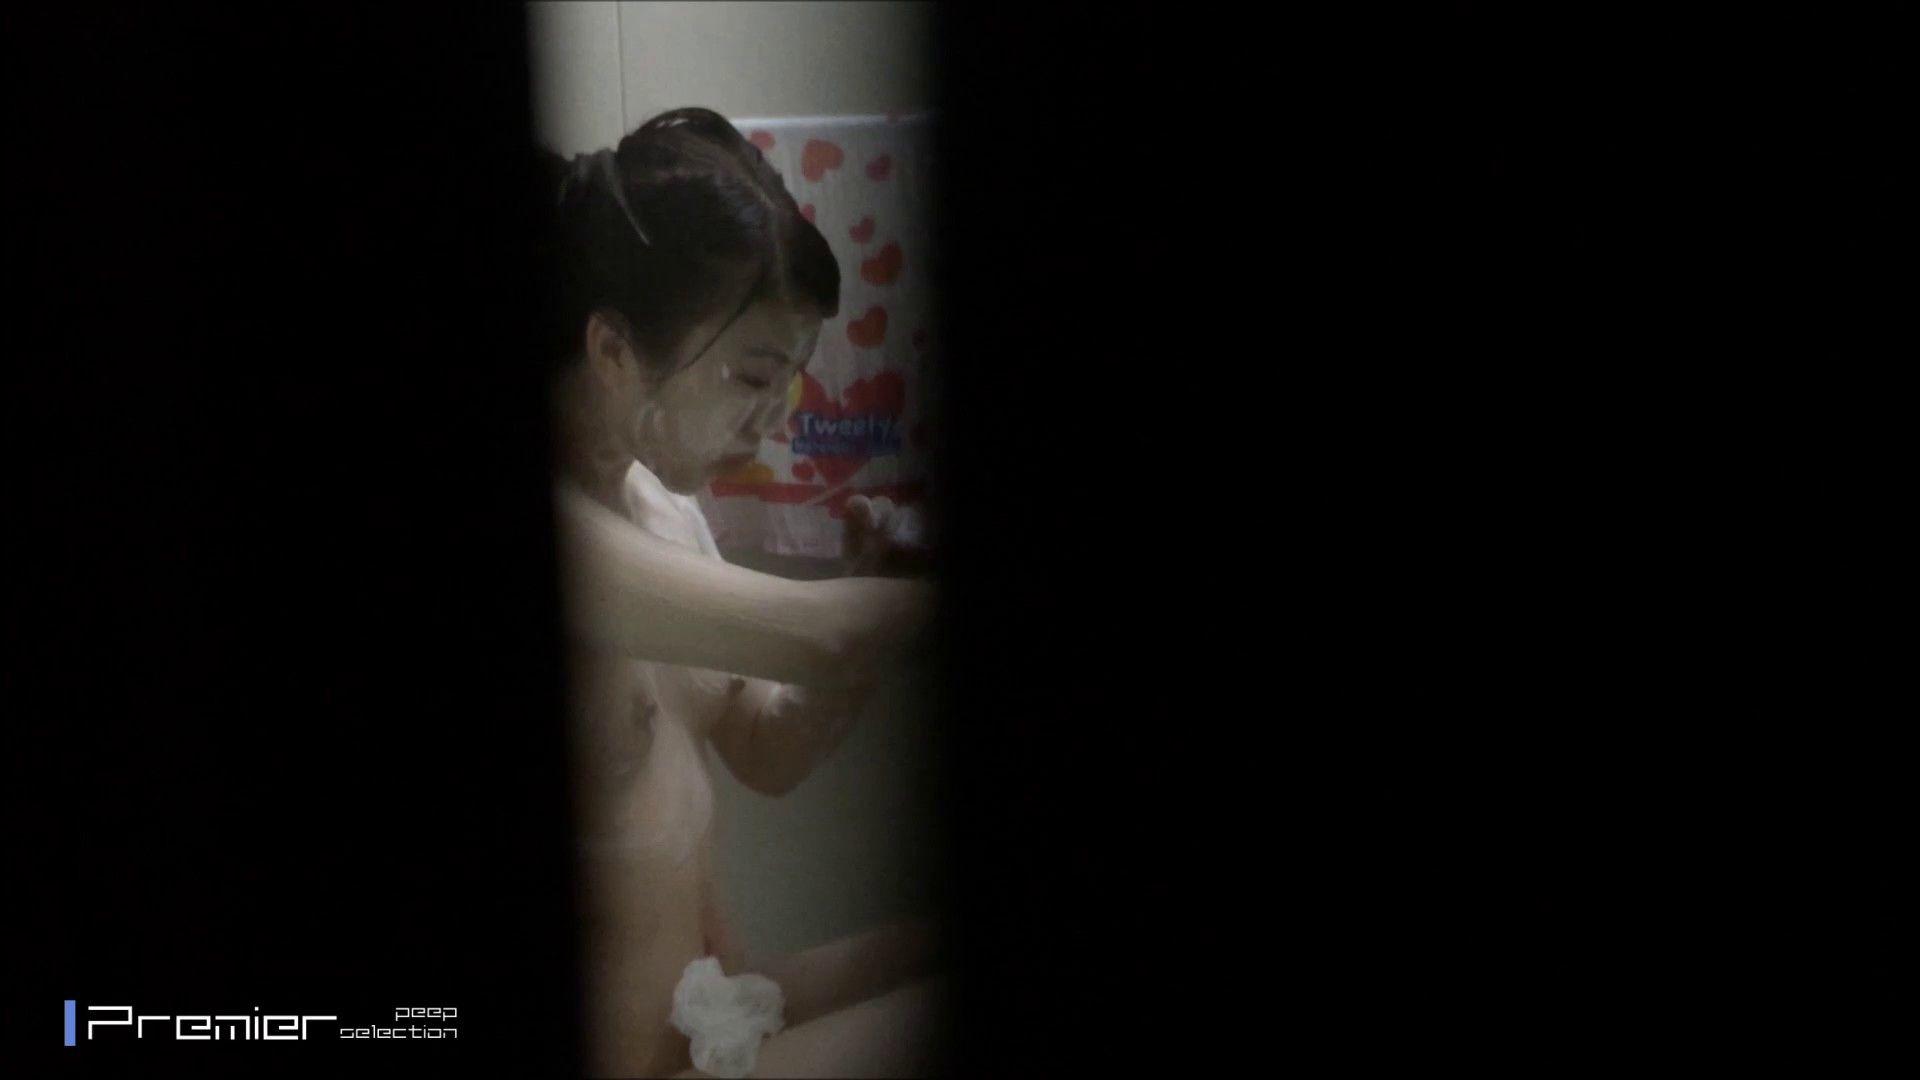 笑顔のスポーツ美女 乙女の風呂場 Vol.23 丸見え ワレメ無修正動画無料 105画像 93